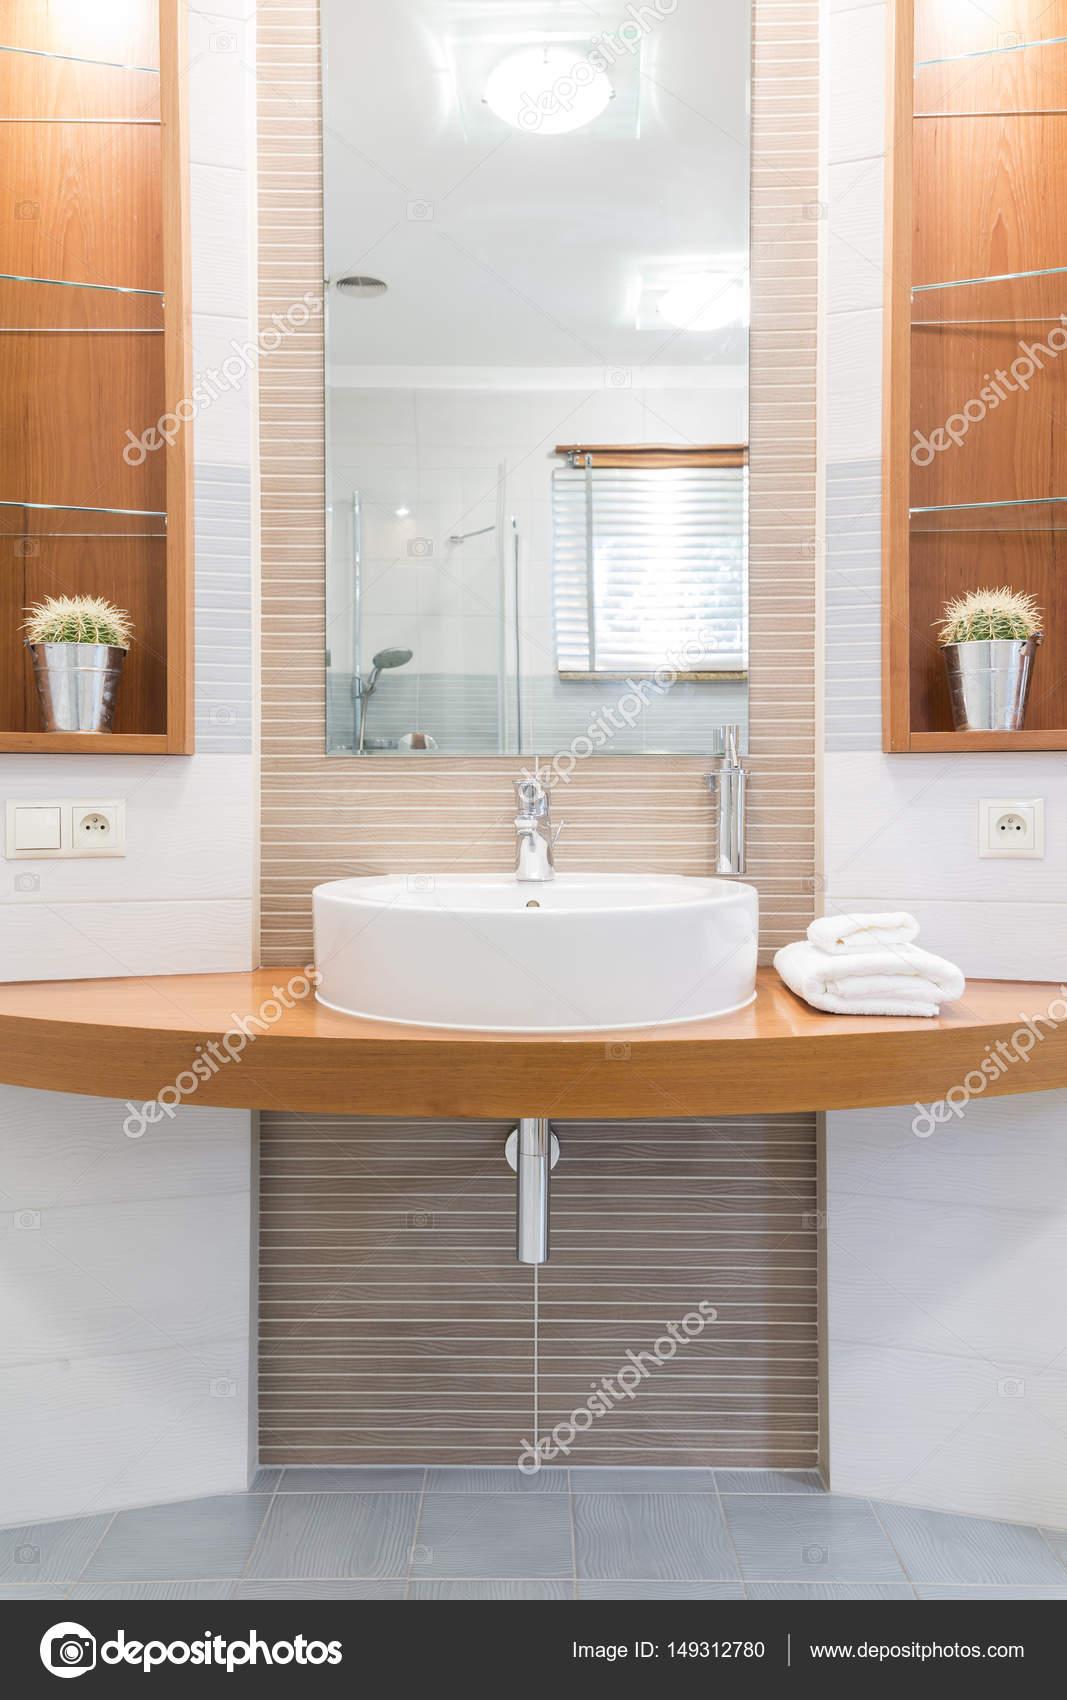 Lavabo Salle De Bain Ovale ~ lavabo ovale dans une salle de bains moderne photographie